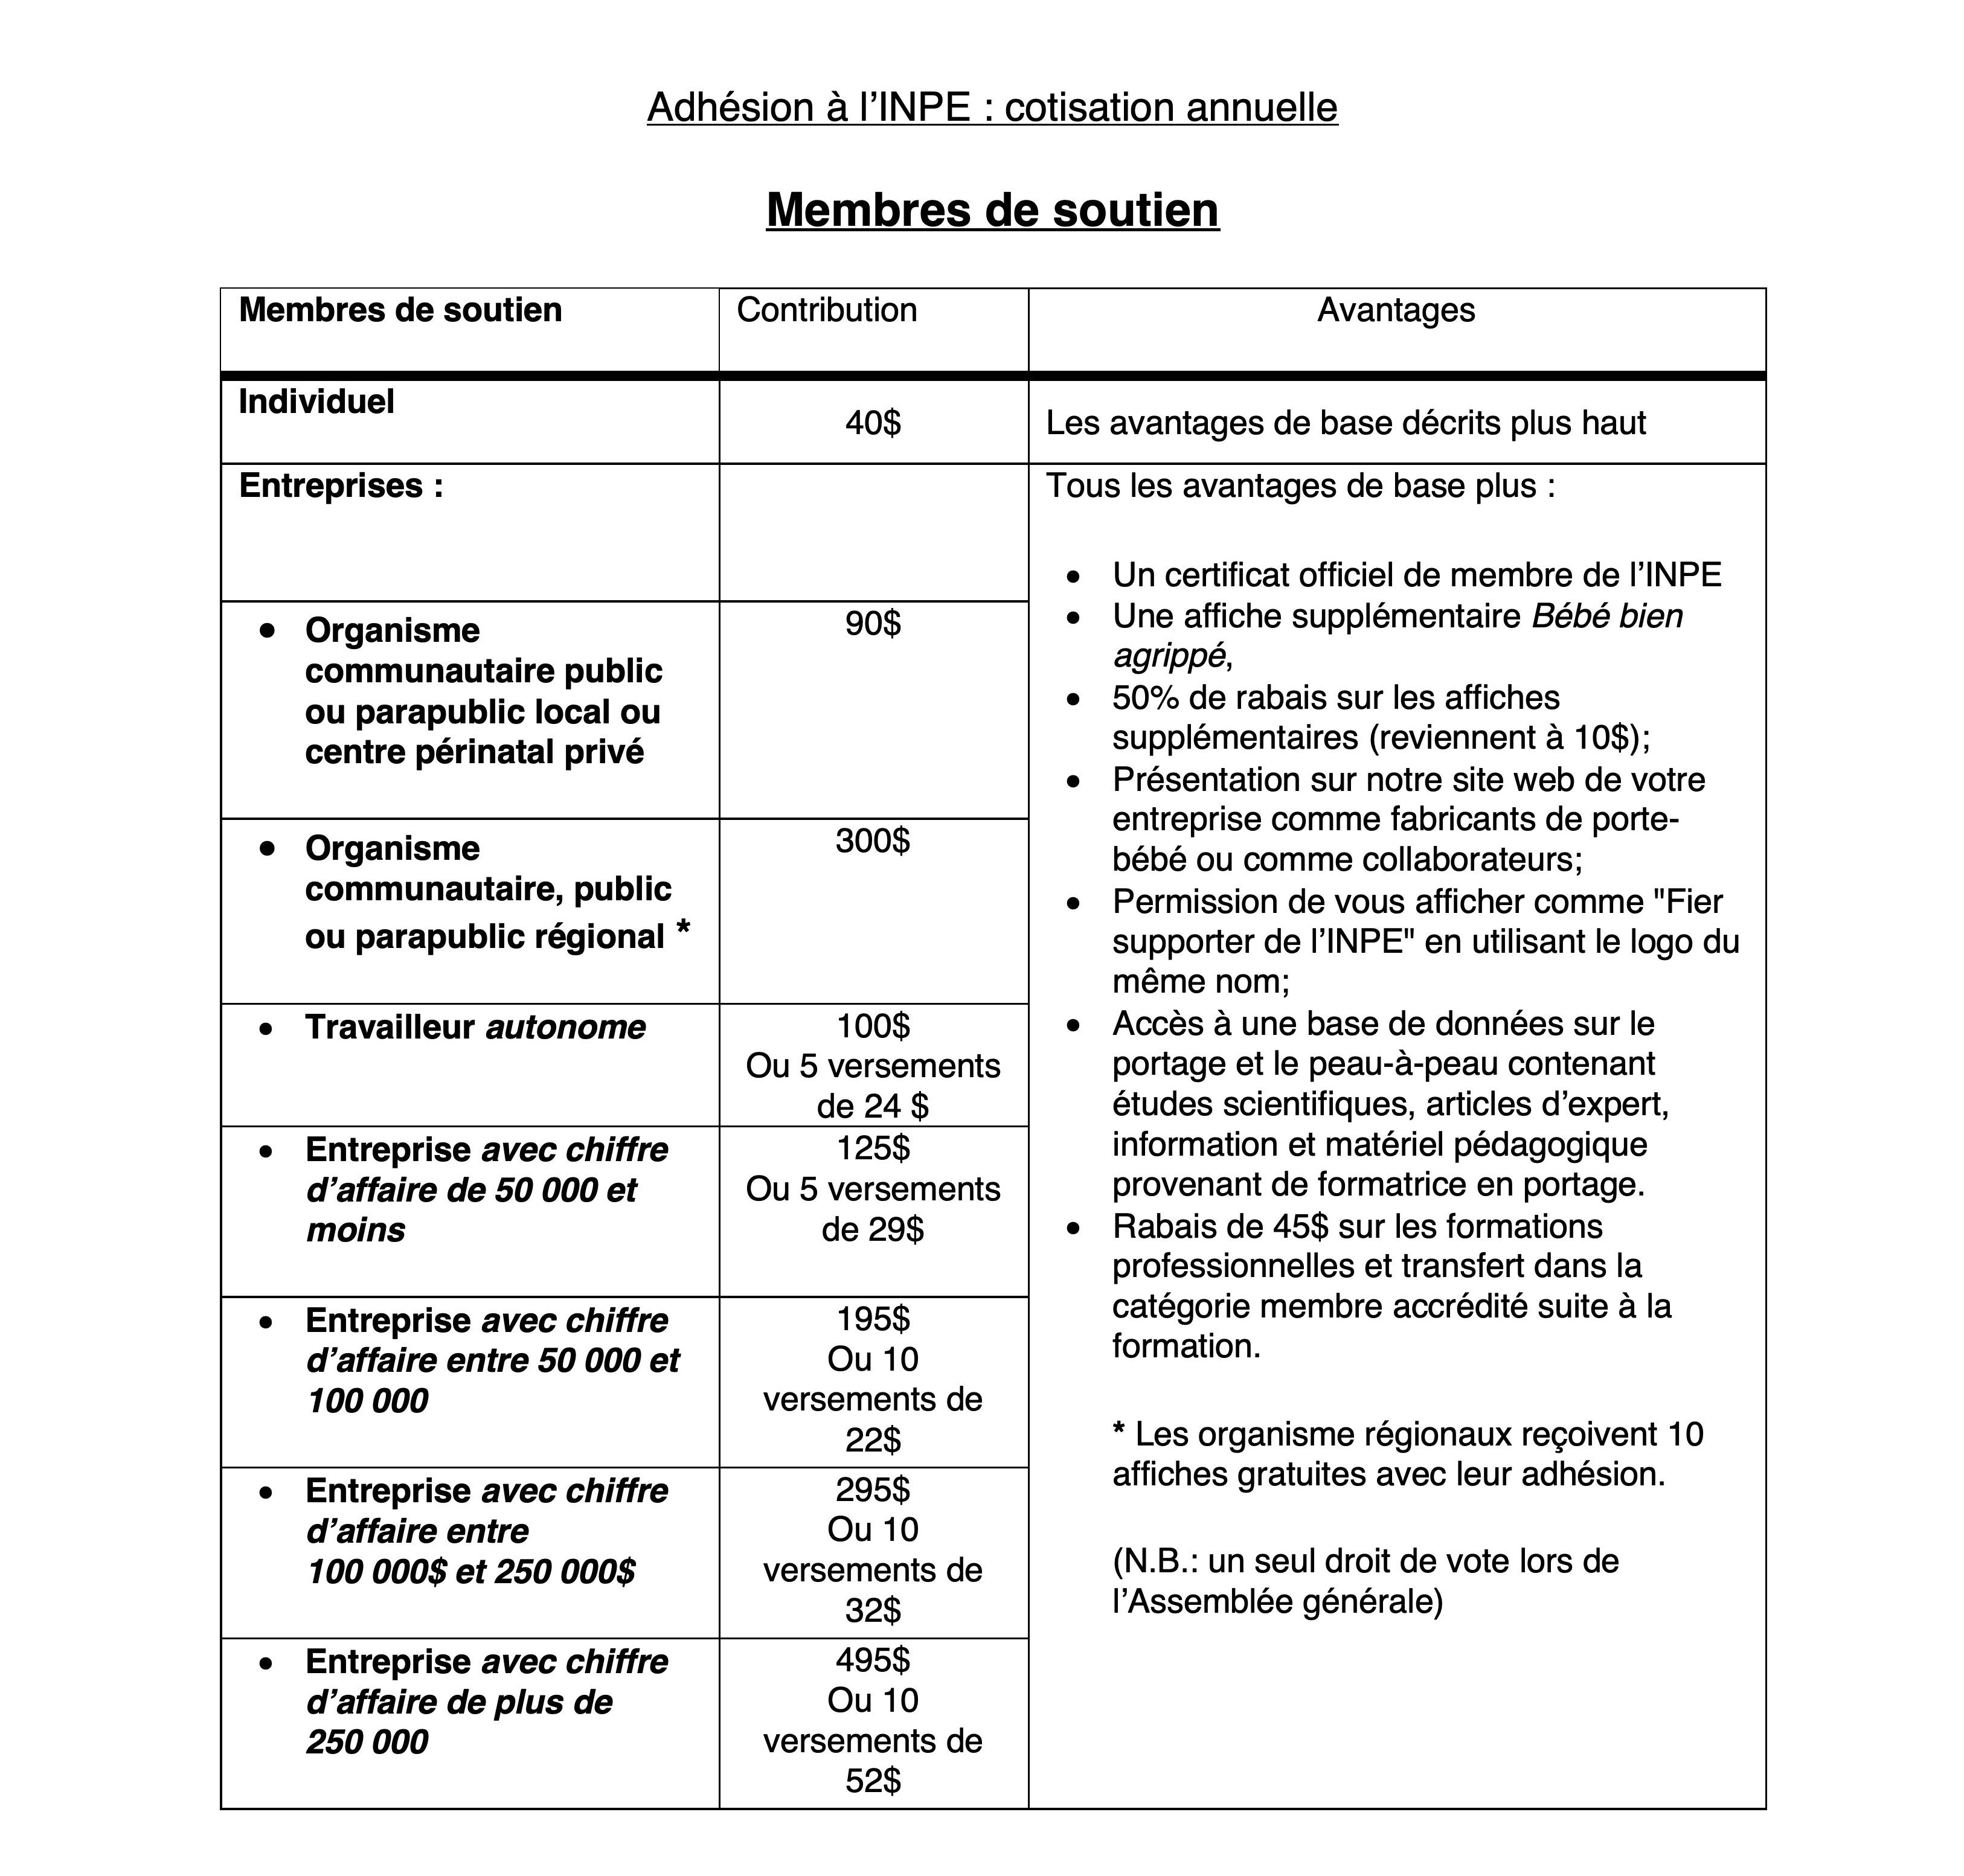 Tableau cotisation membre de soutien à l'INPE